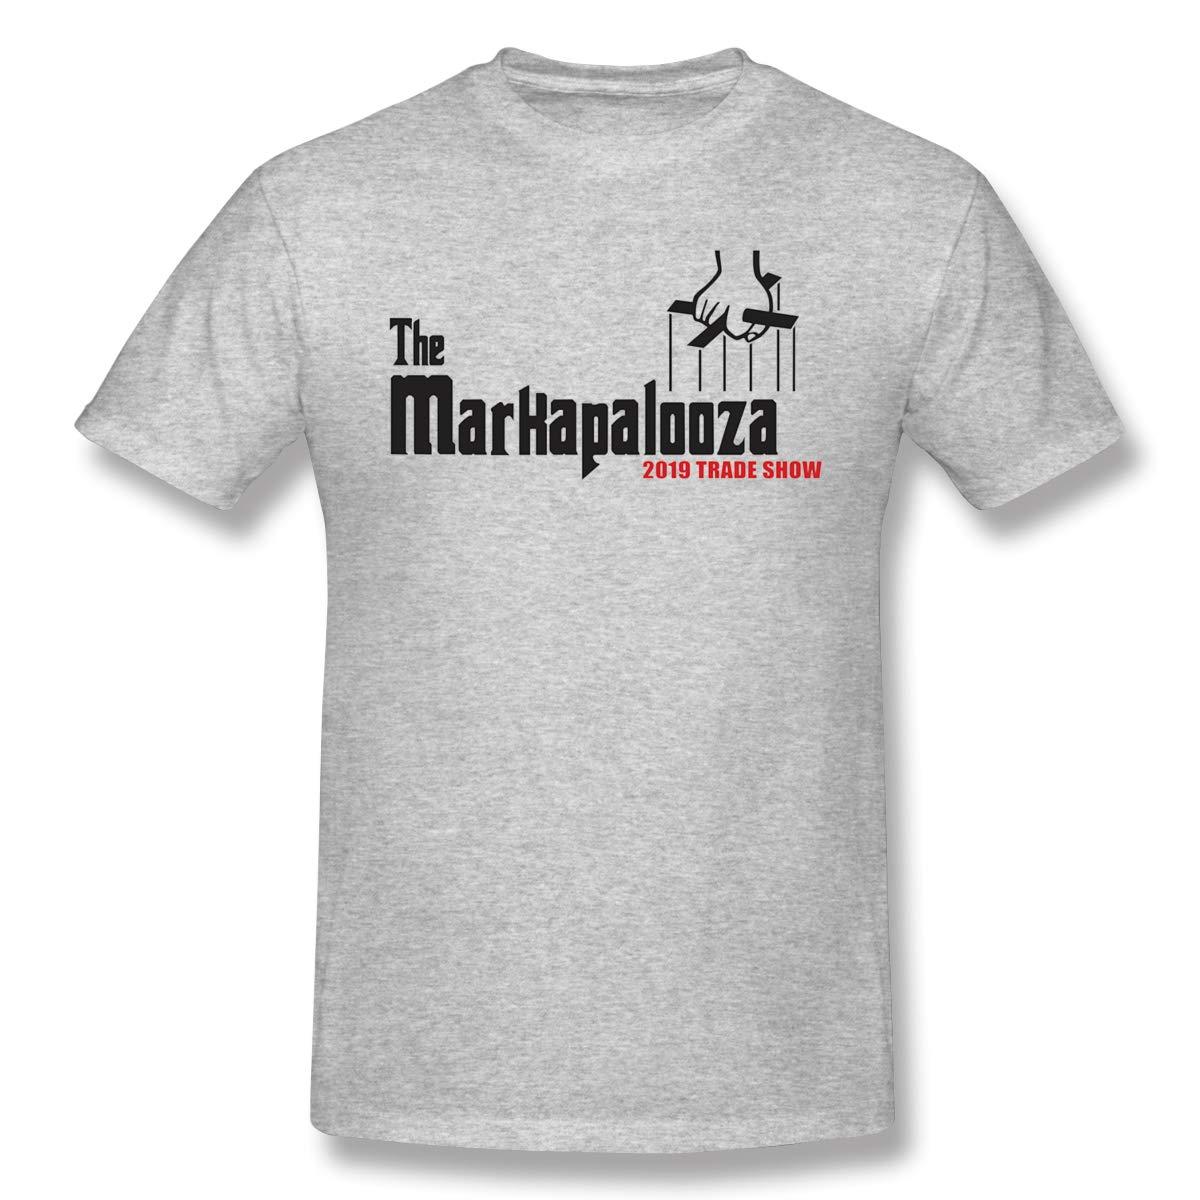 Man The Markapalooza Trade Show Soft Gray T Shirt 4063